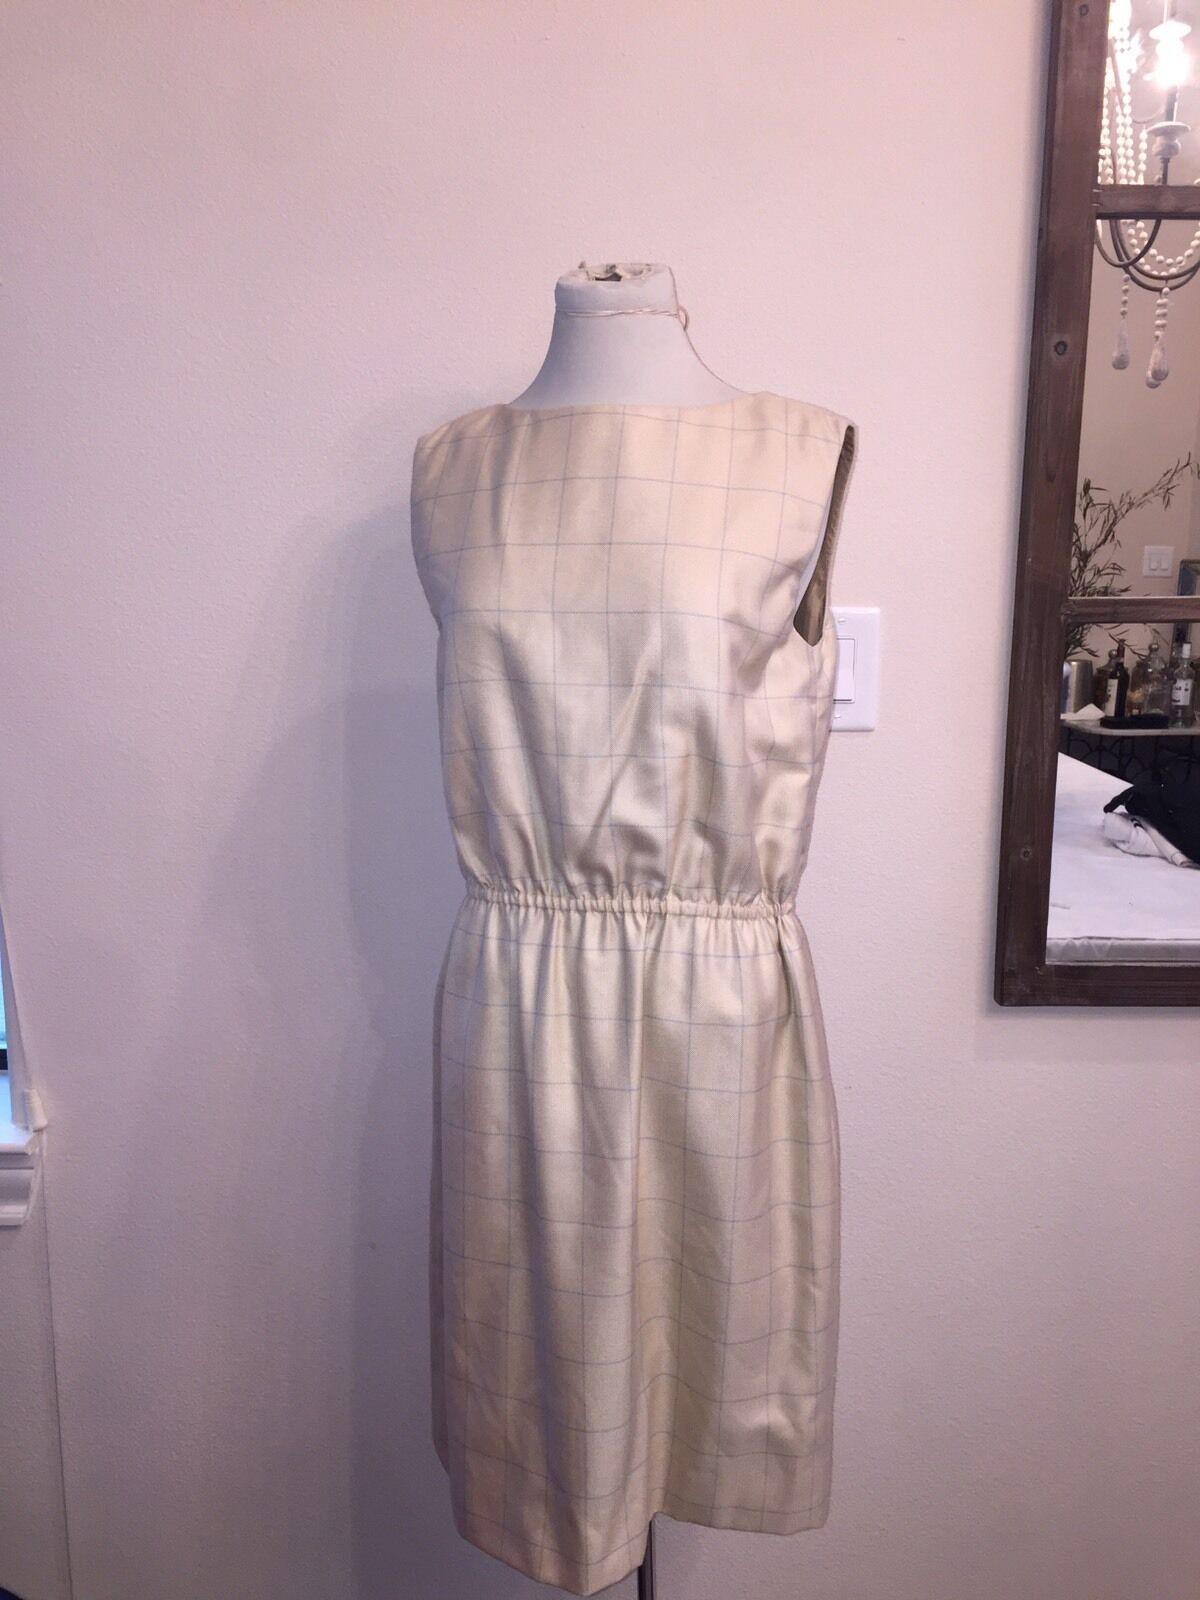 Bill Bill Bill Blass Neiman Marcus Tan  DRESS 12 6bfc81